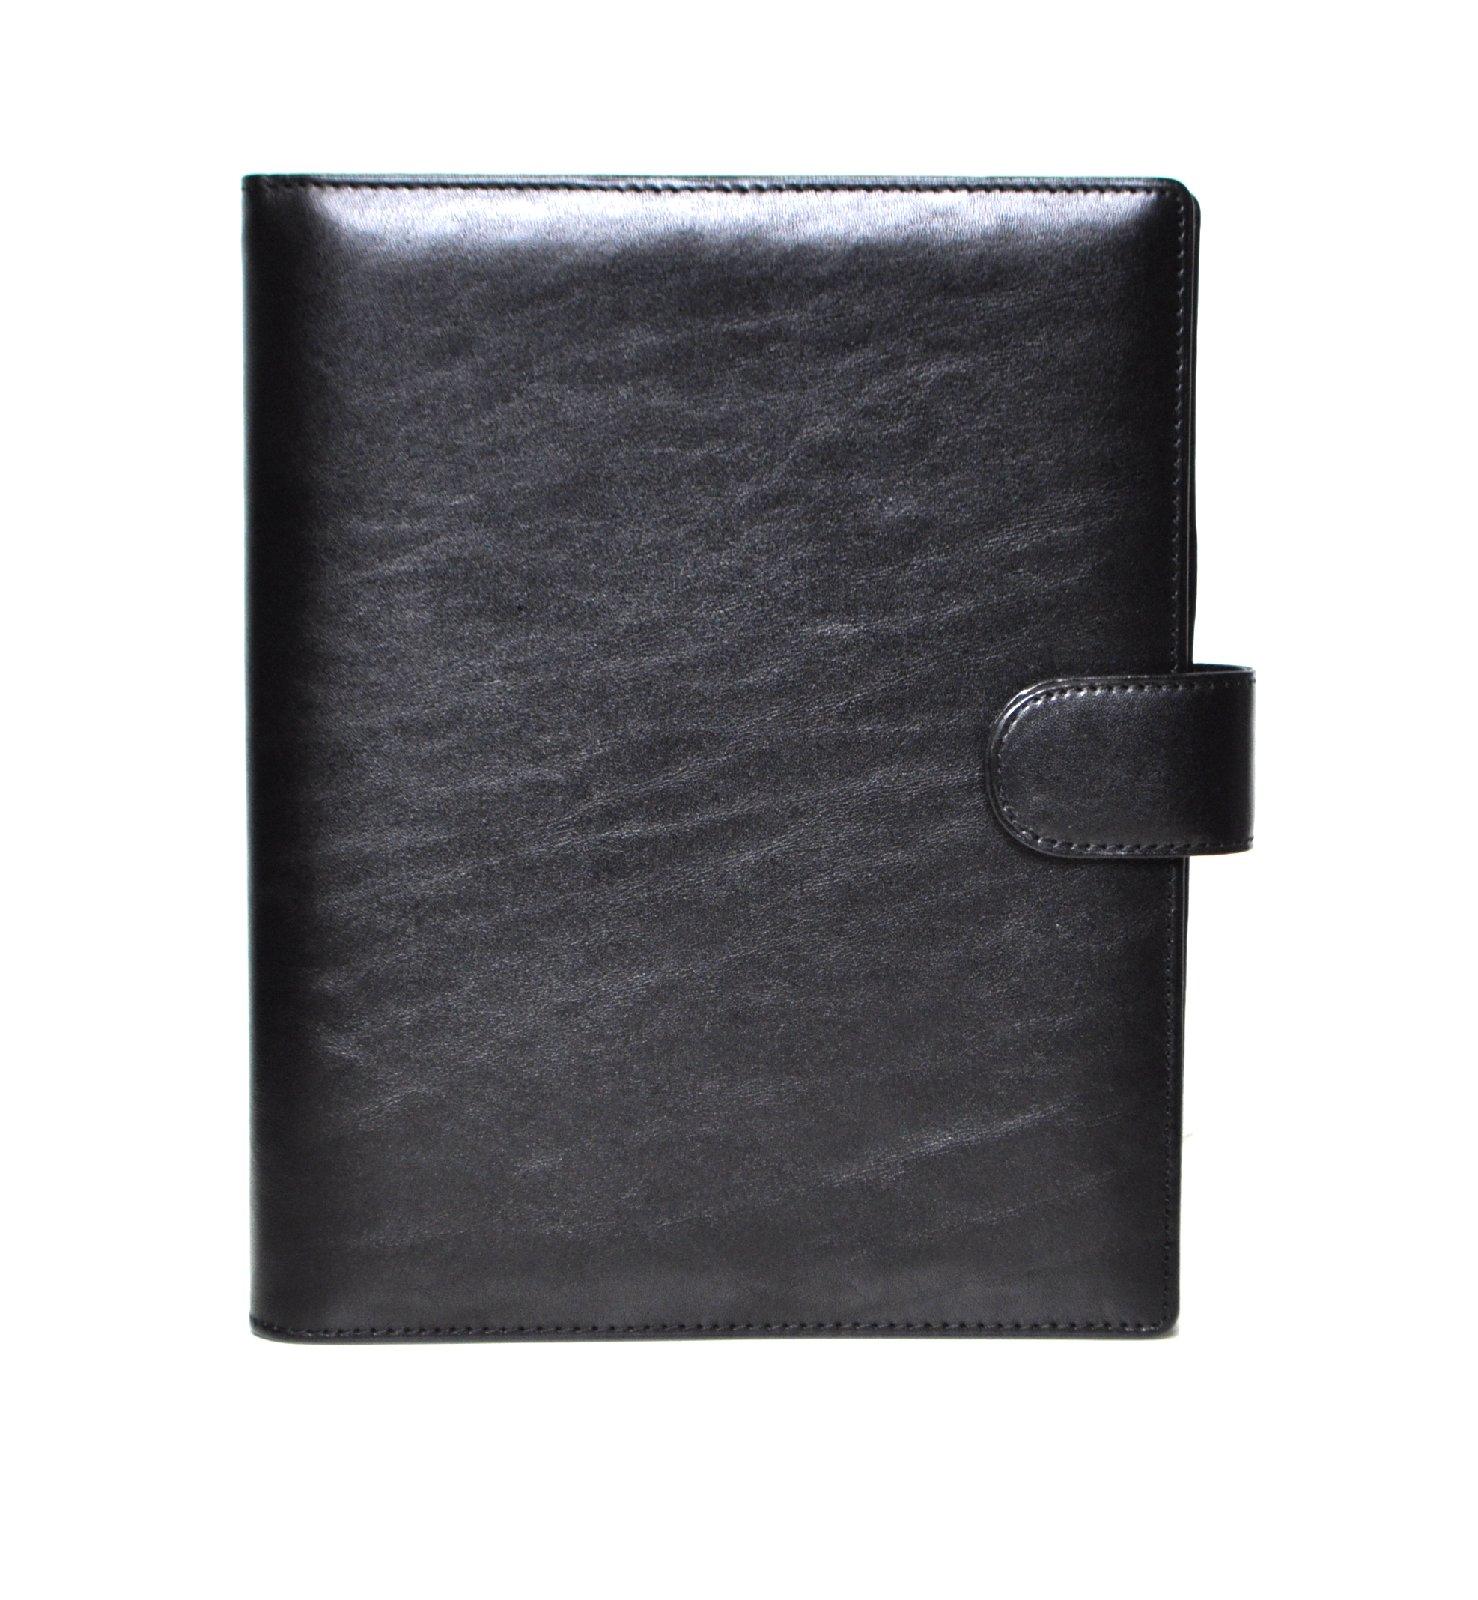 succes deluxe a5 schwarz organiser rindleder a5 kalender. Black Bedroom Furniture Sets. Home Design Ideas